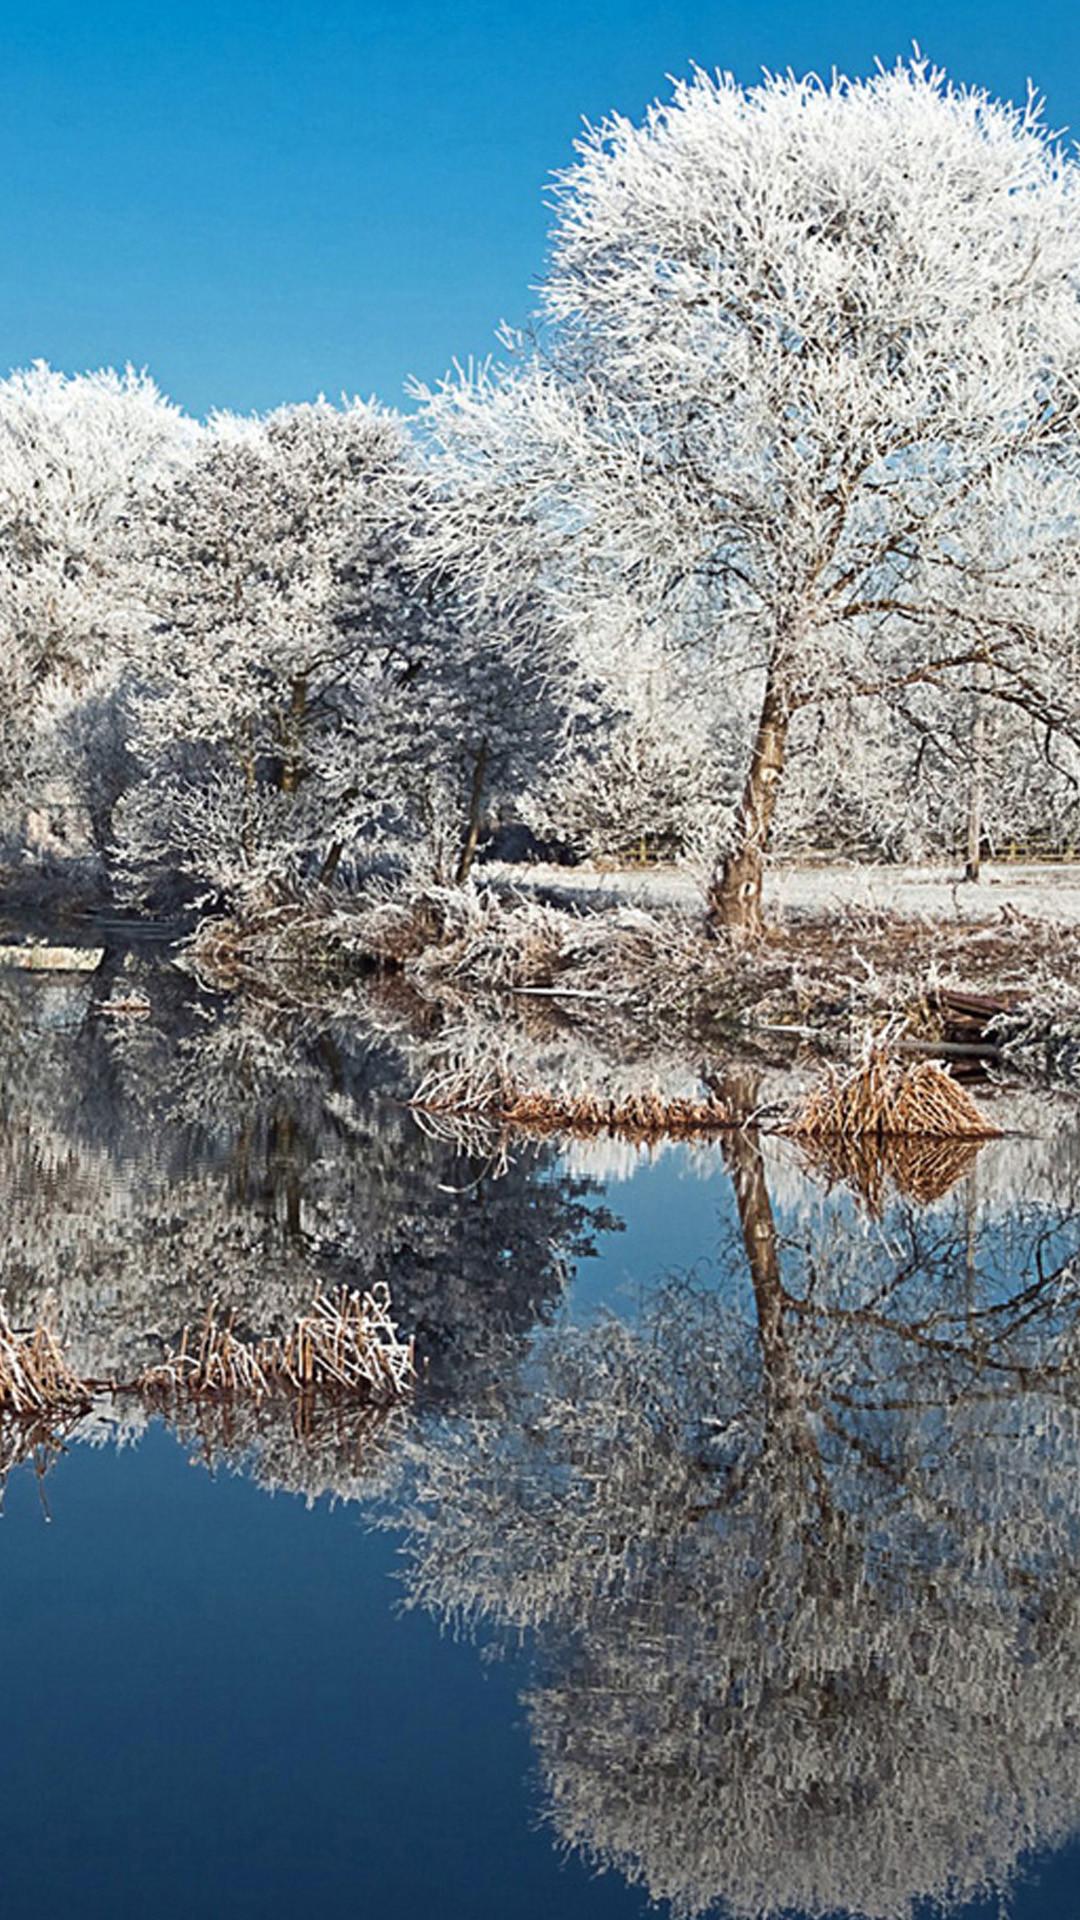 泉の辺りの真っ白な木 Iphone Wallpapers